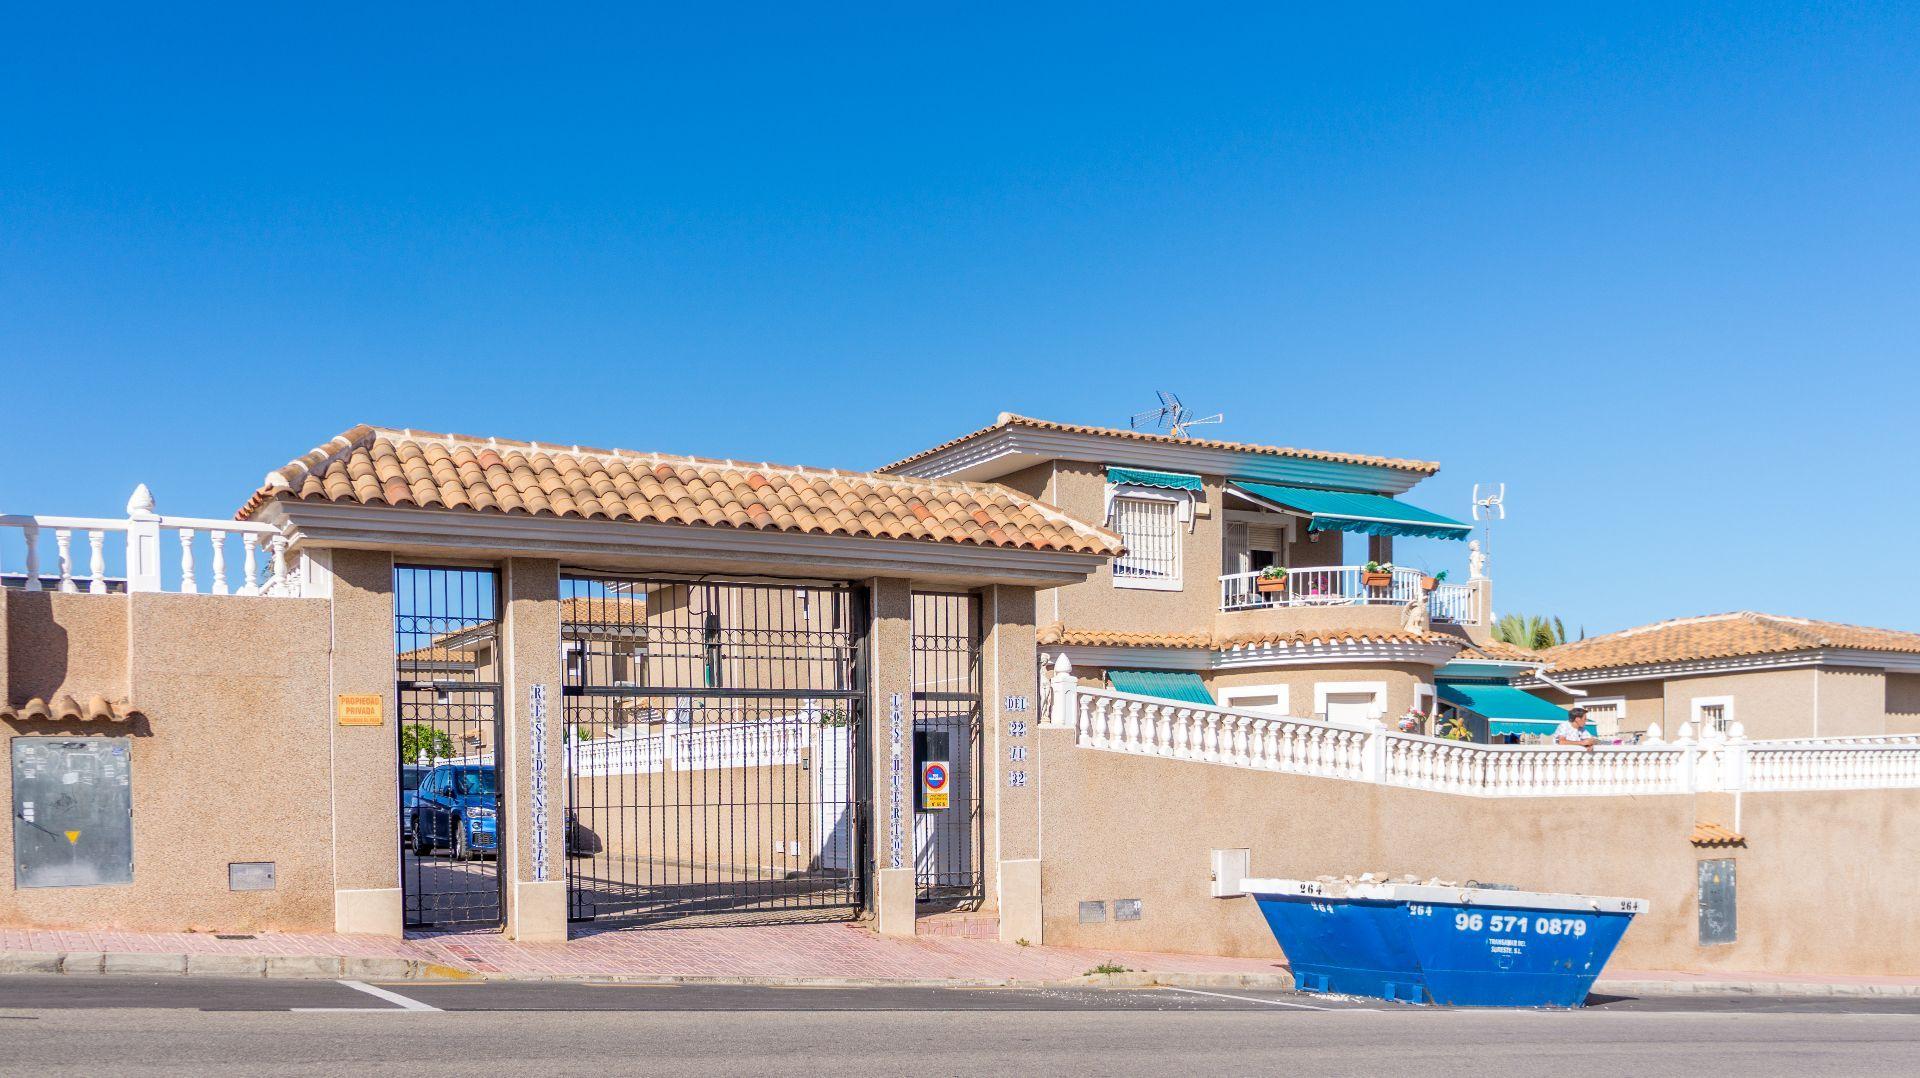 Casa / Chalet en Torrevieja, Los Altos, venta